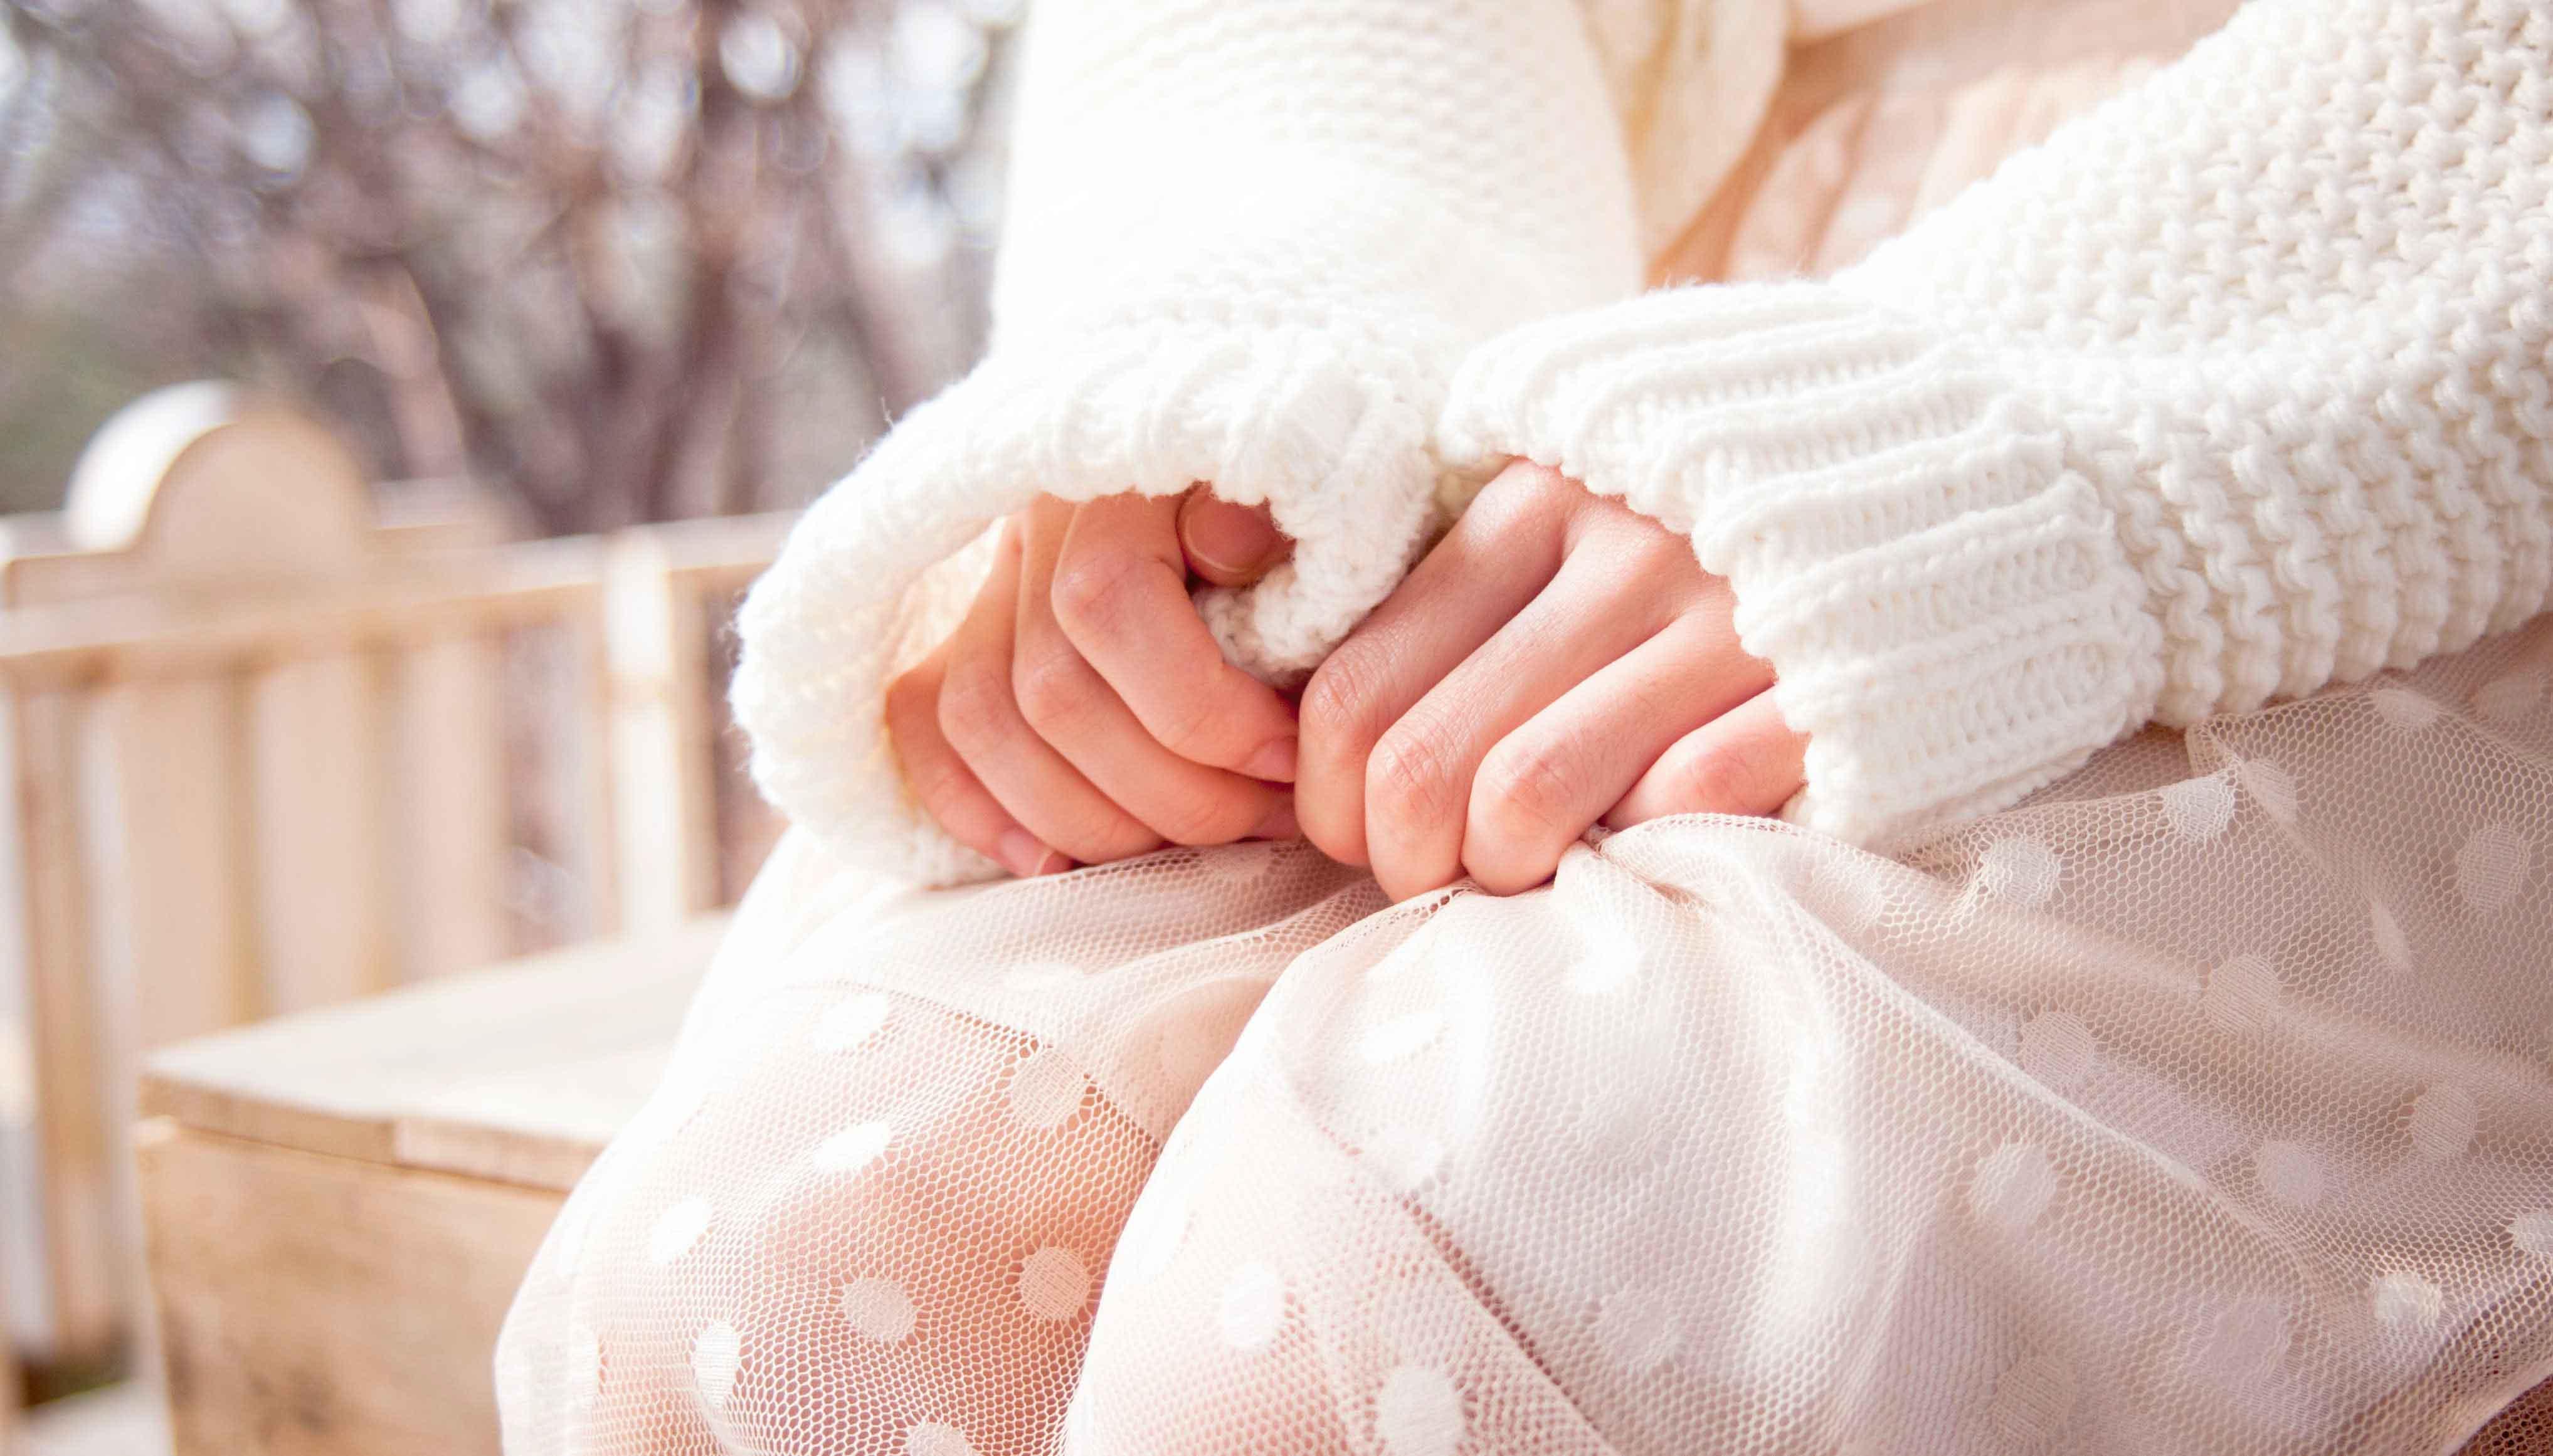 ban tay cô gái cầm váy